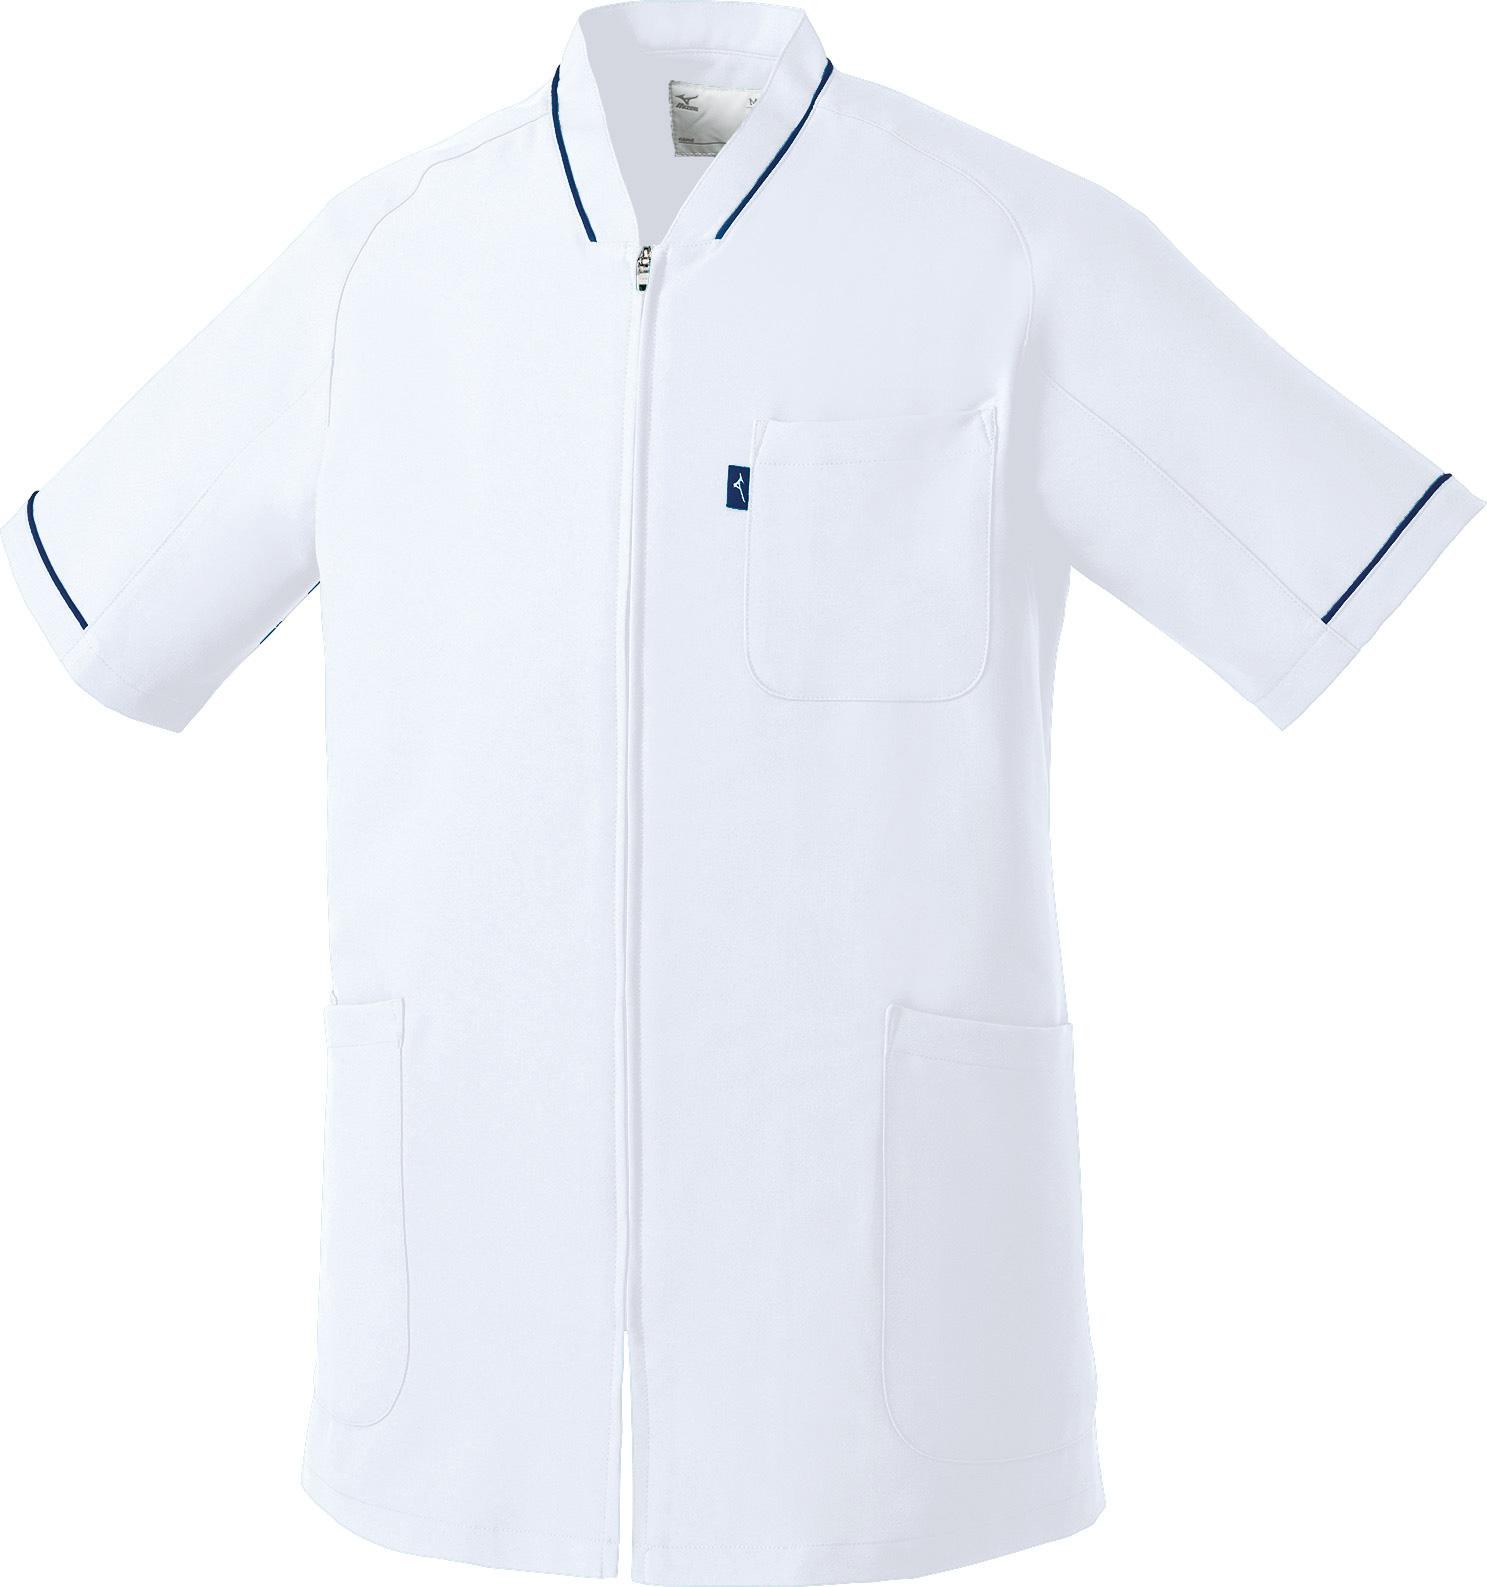 ミズノ ファスナースクラブ(男女兼用)販売。刺繍、プリント加工対応します。研修医、医療チームウェアに人気